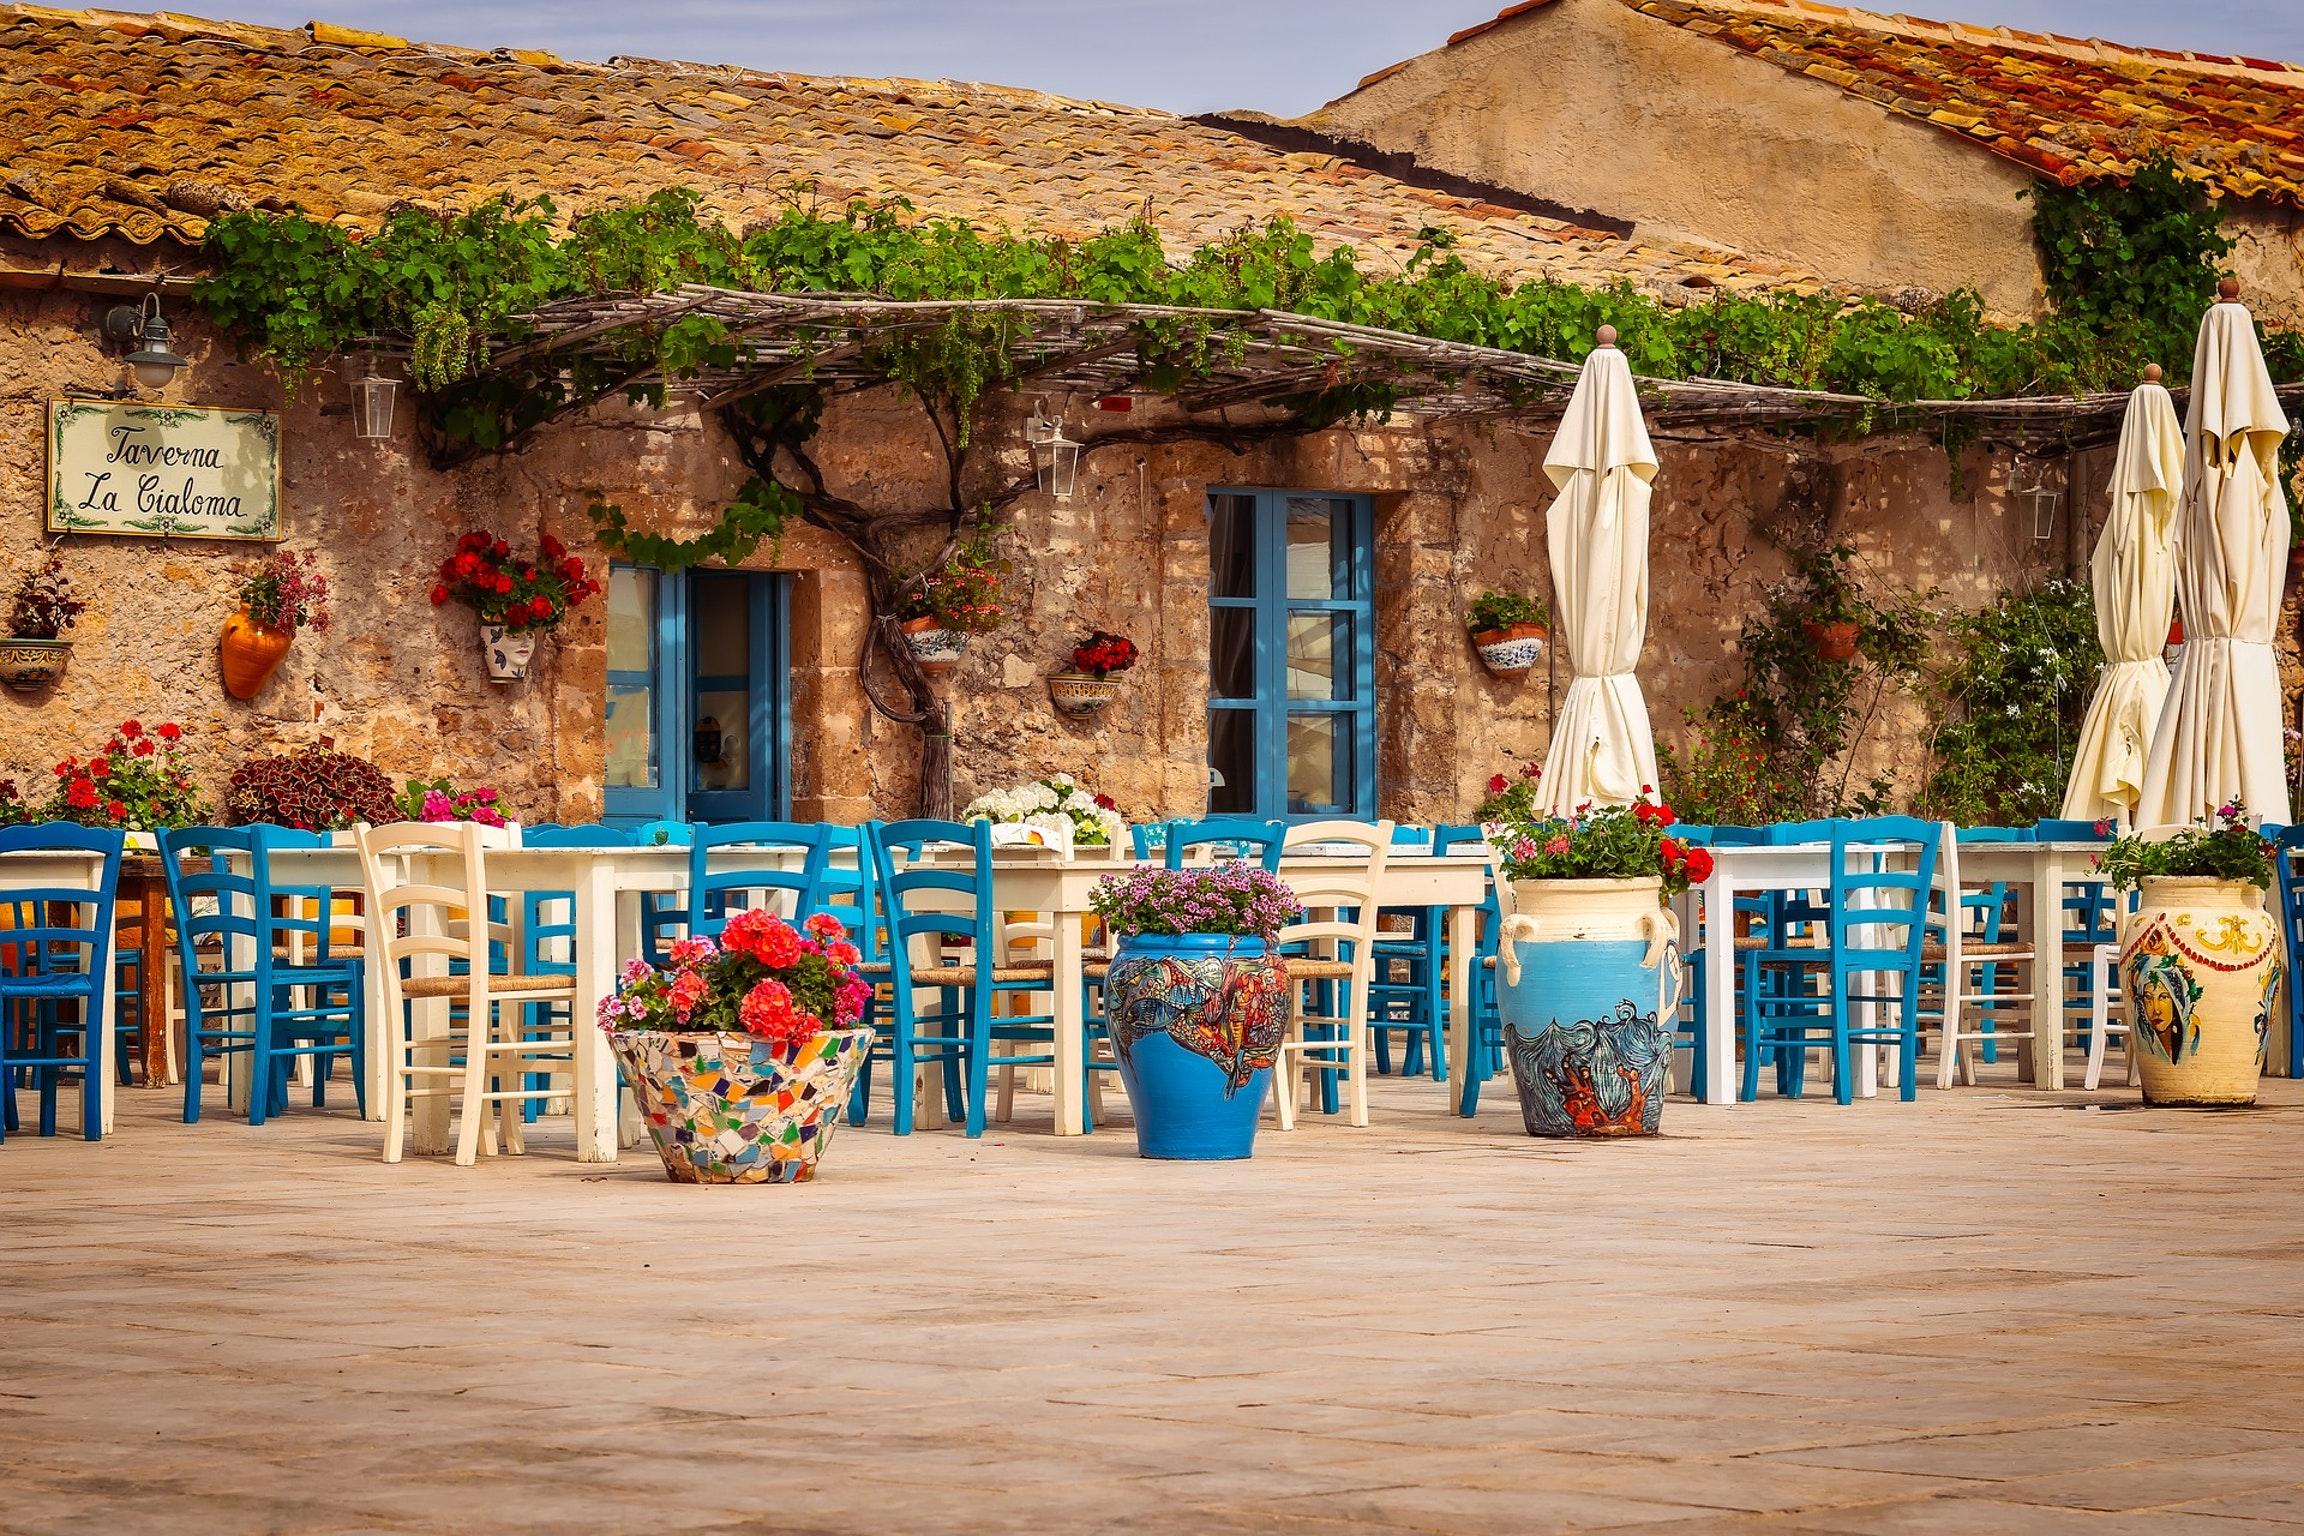 Appartement de vacances Studio in Cicirata mit herrlichem Meerblick, Pool, eingezäuntem Garten - 50 m vom Strand e (2339675), Avola, Siracusa, Sicile, Italie, image 27